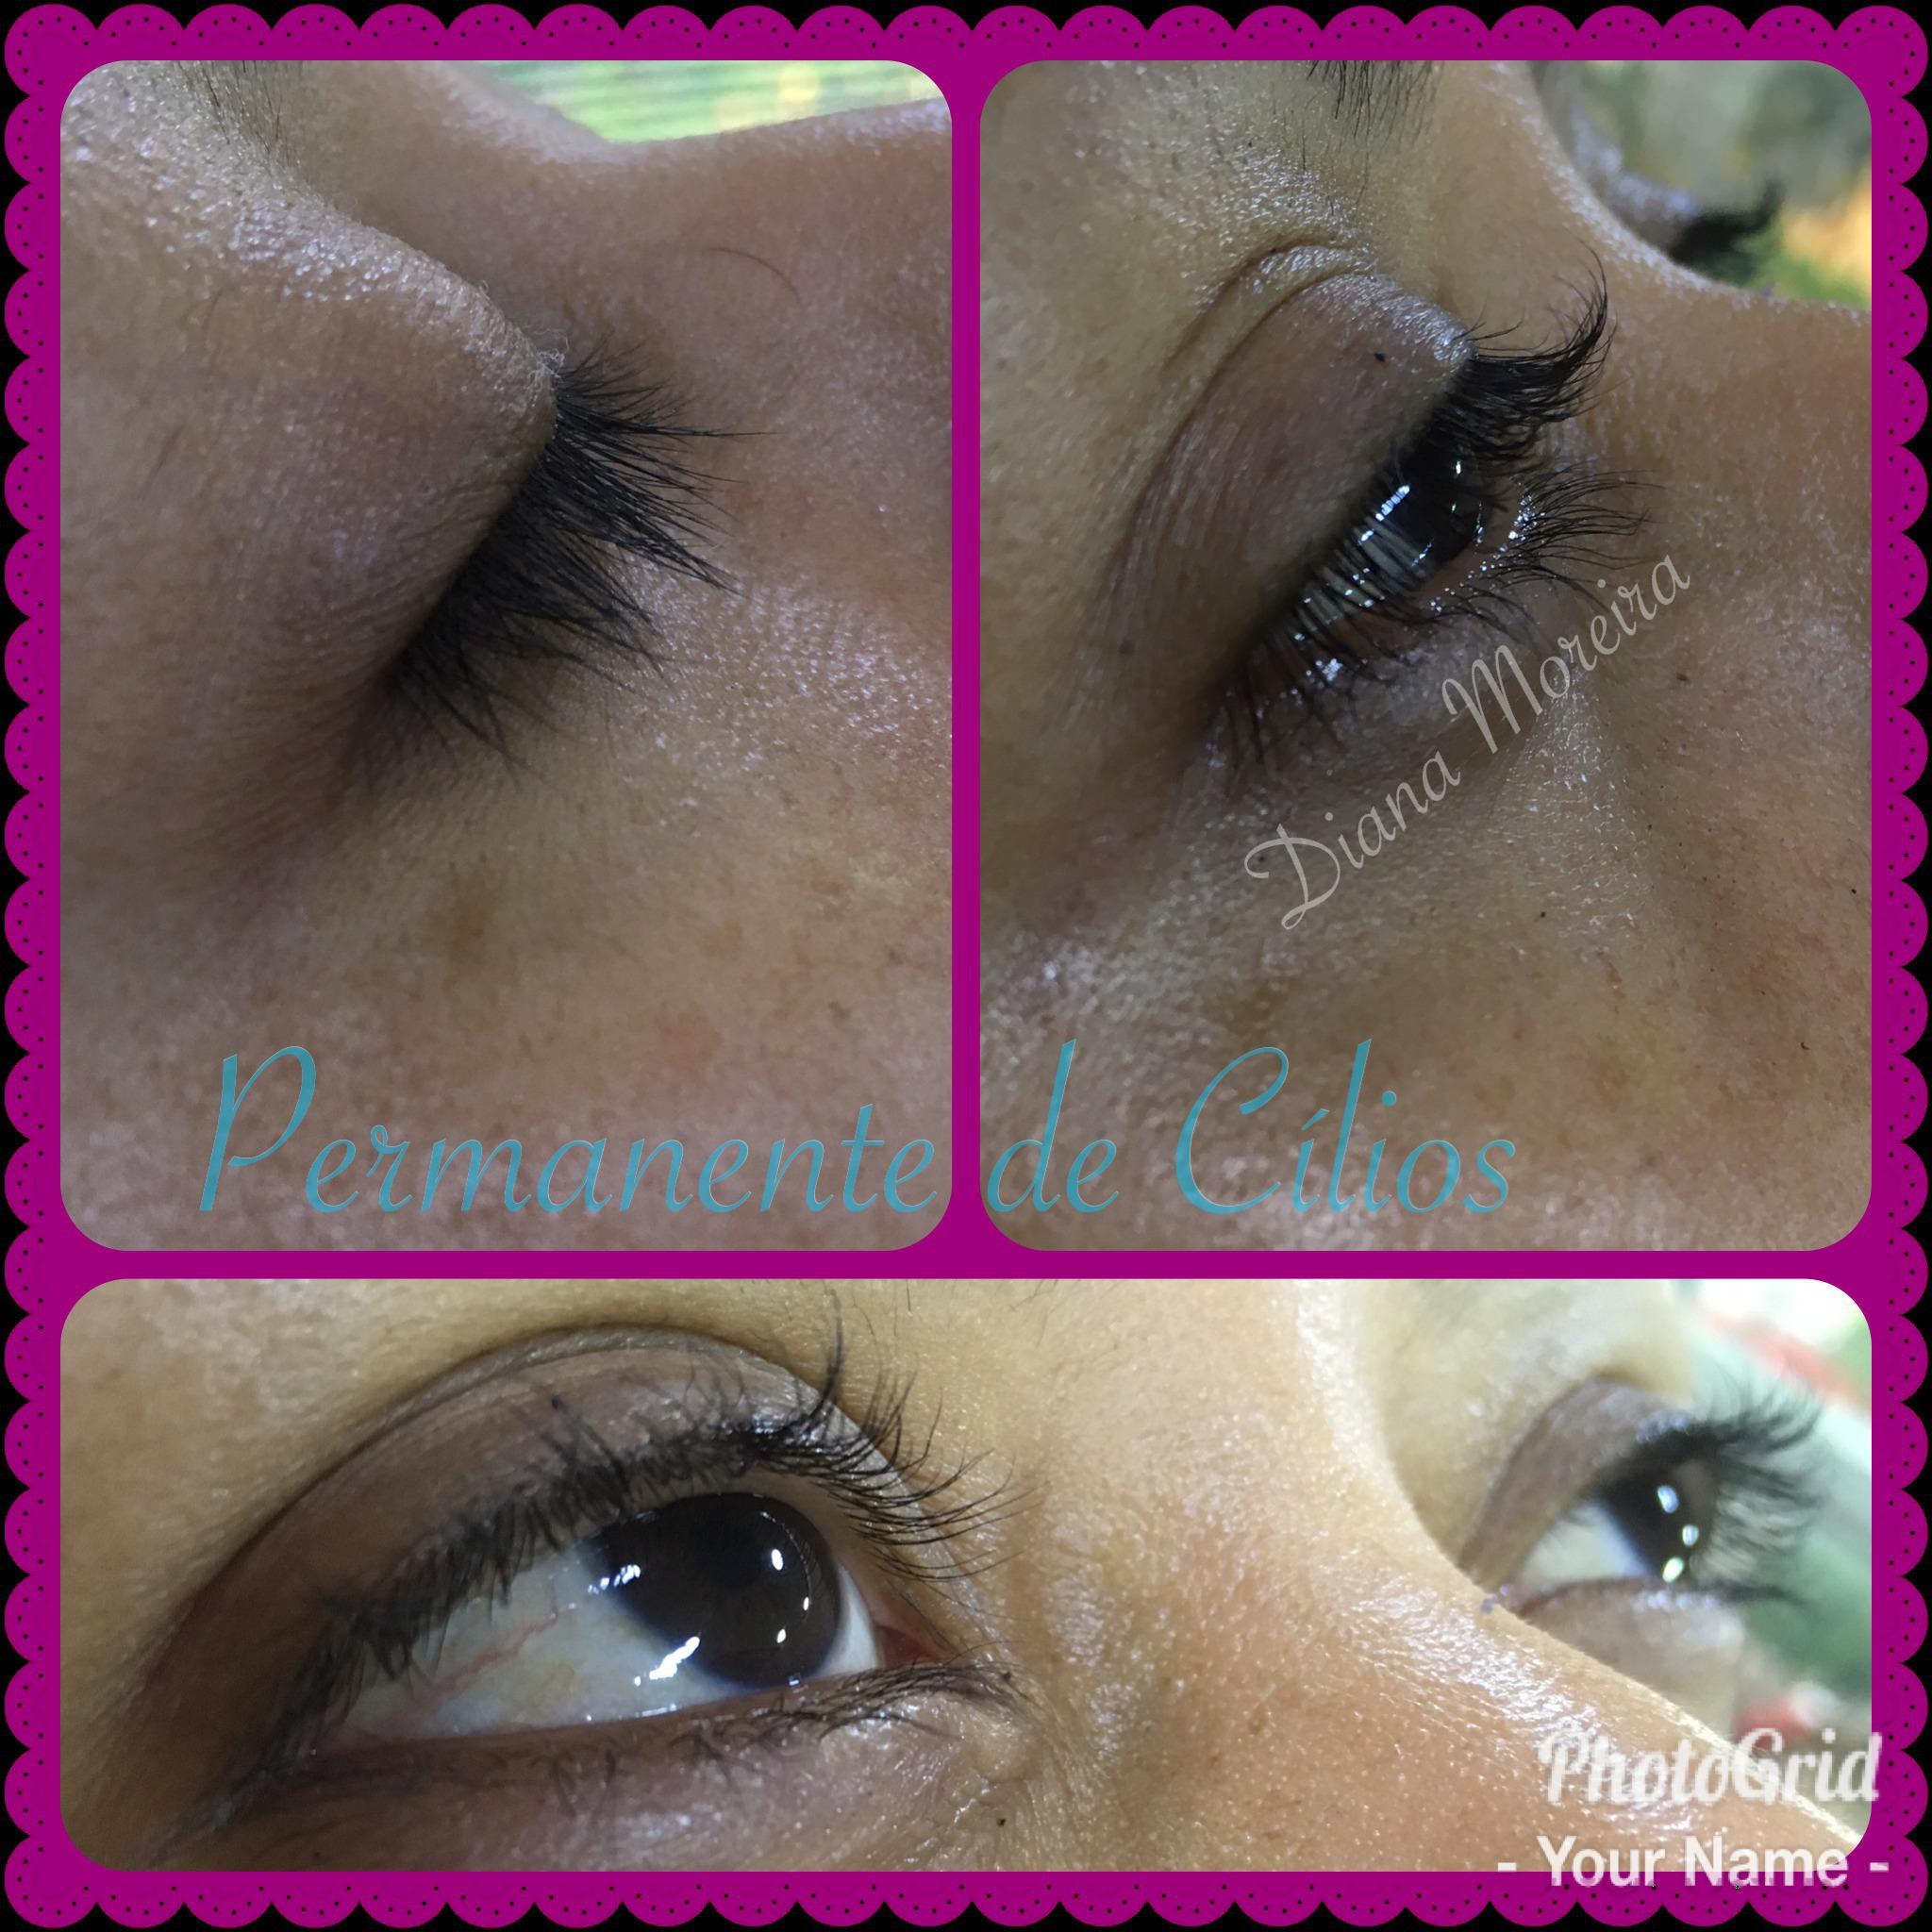 Permanente de Cílios  estética designer de sobrancelhas micropigmentador(a) cabeleireiro(a)